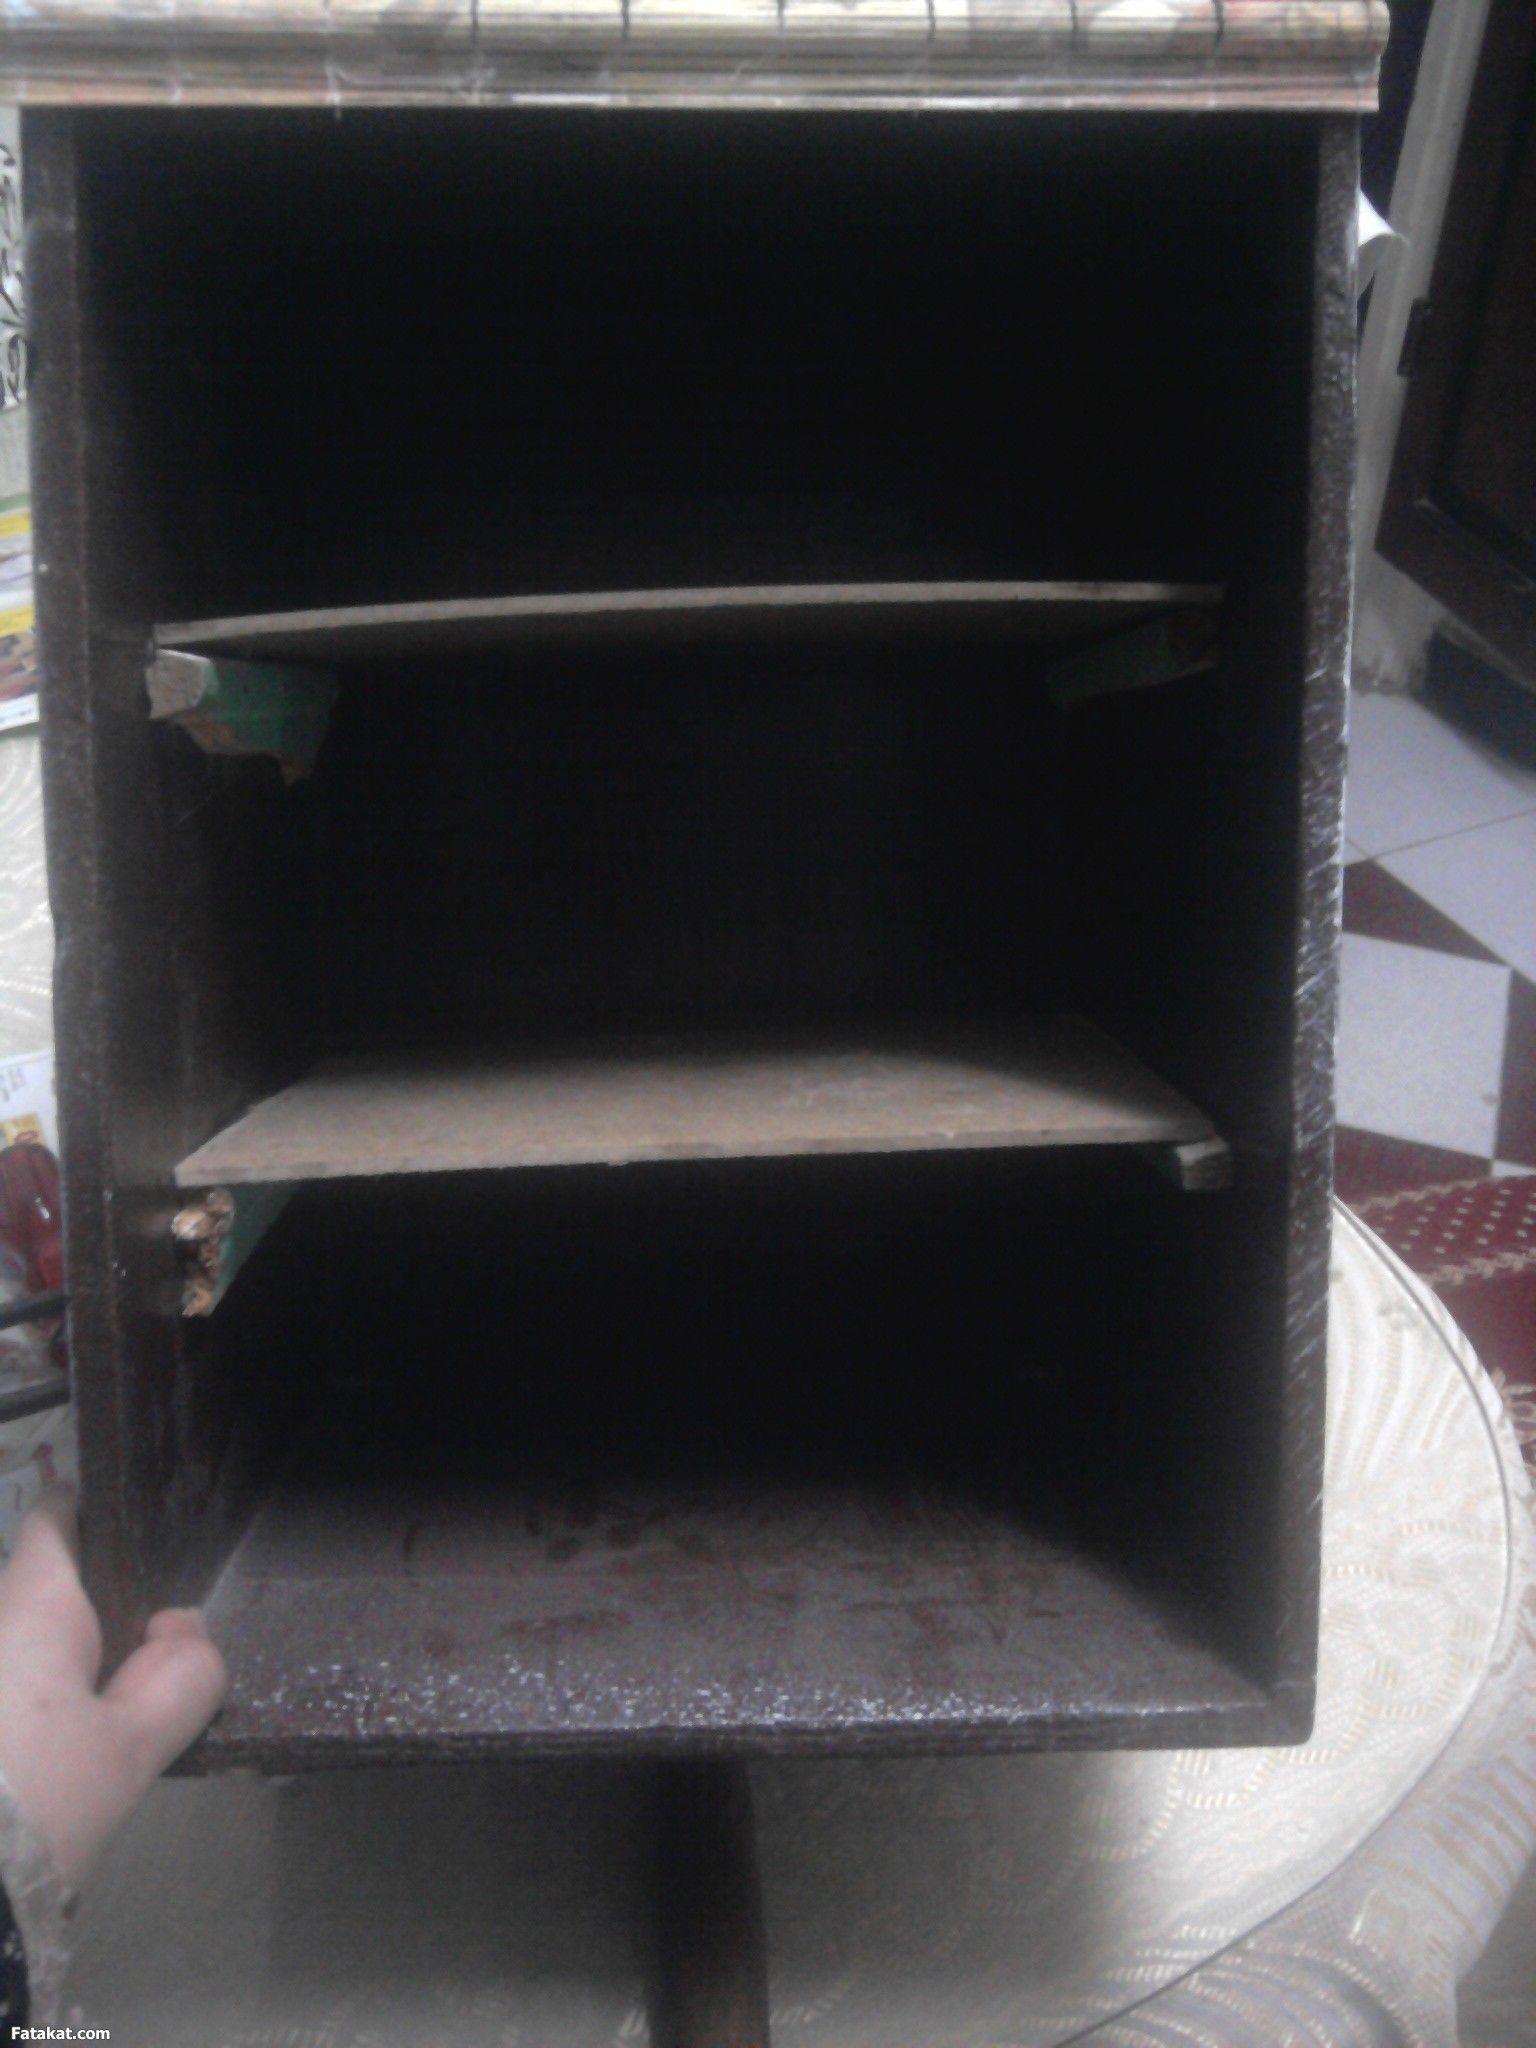 القديم ليه ترميه لما ممكن تجدديه احلى جزامة مودرن وافتكاسة كمان منتدى فتكات Home Decor Bookcase Decor